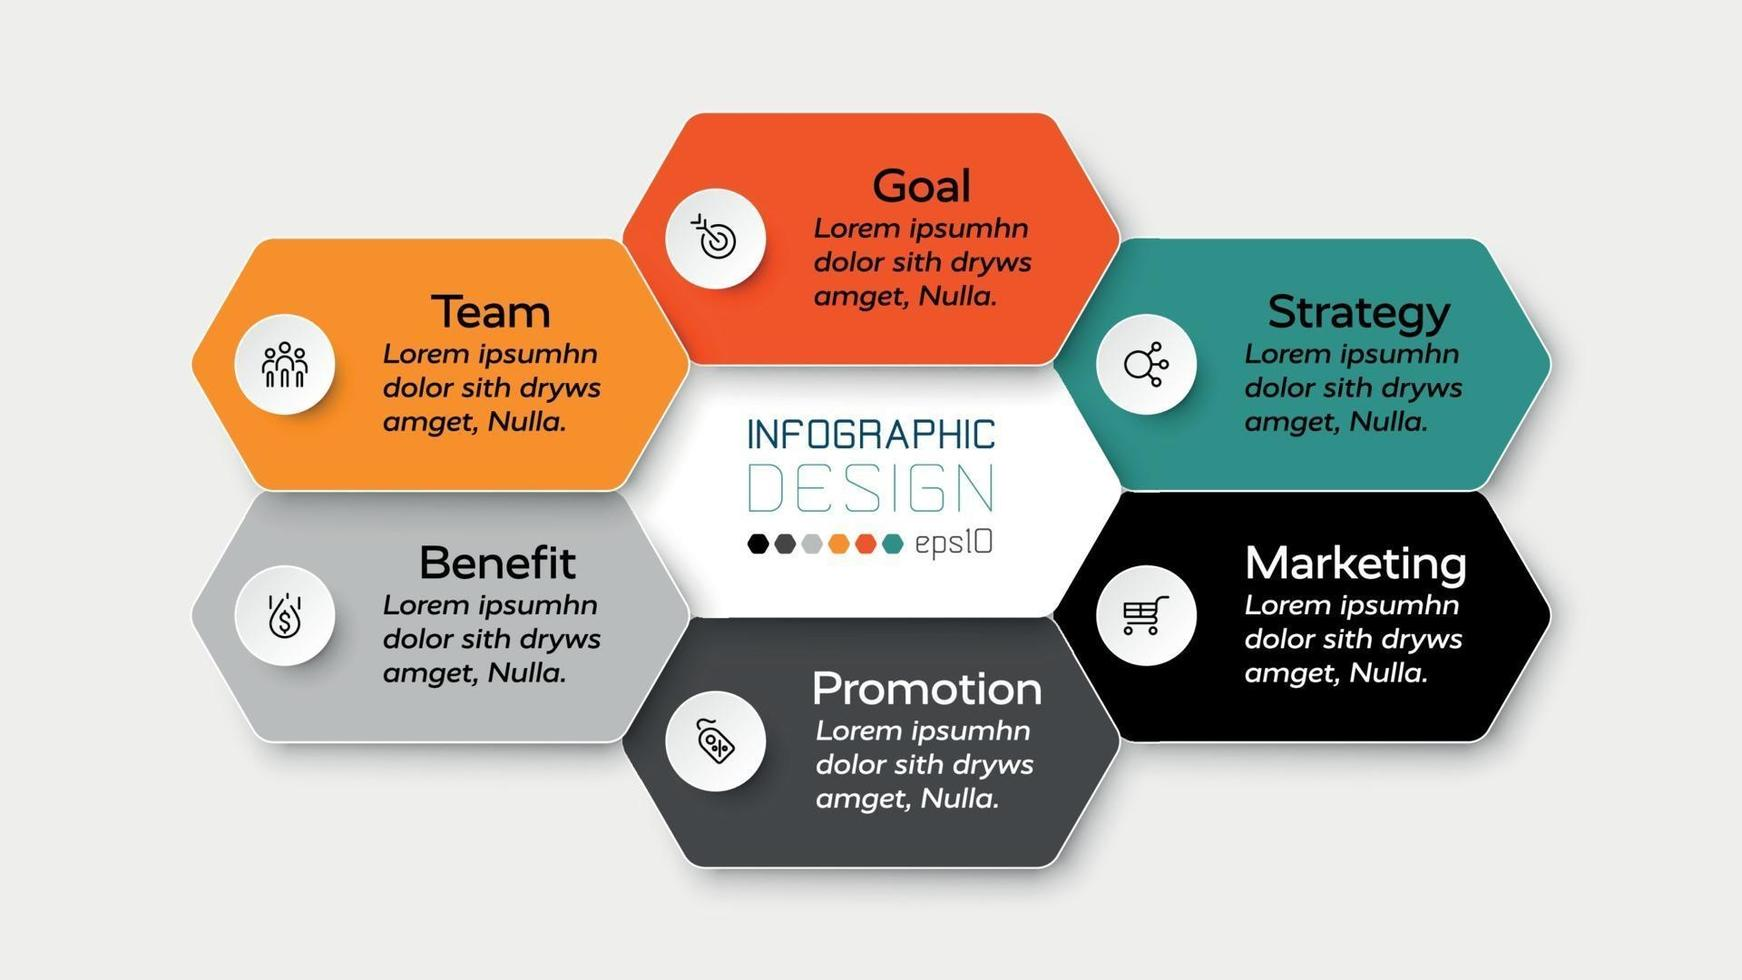 Die Planung einer Geschäftspräsentation, des Marketings und der Schulung wird durch ein Sechseckdesign veranschaulicht, das den Arbeitsprozess erklärt. Vektorillustration. vektor